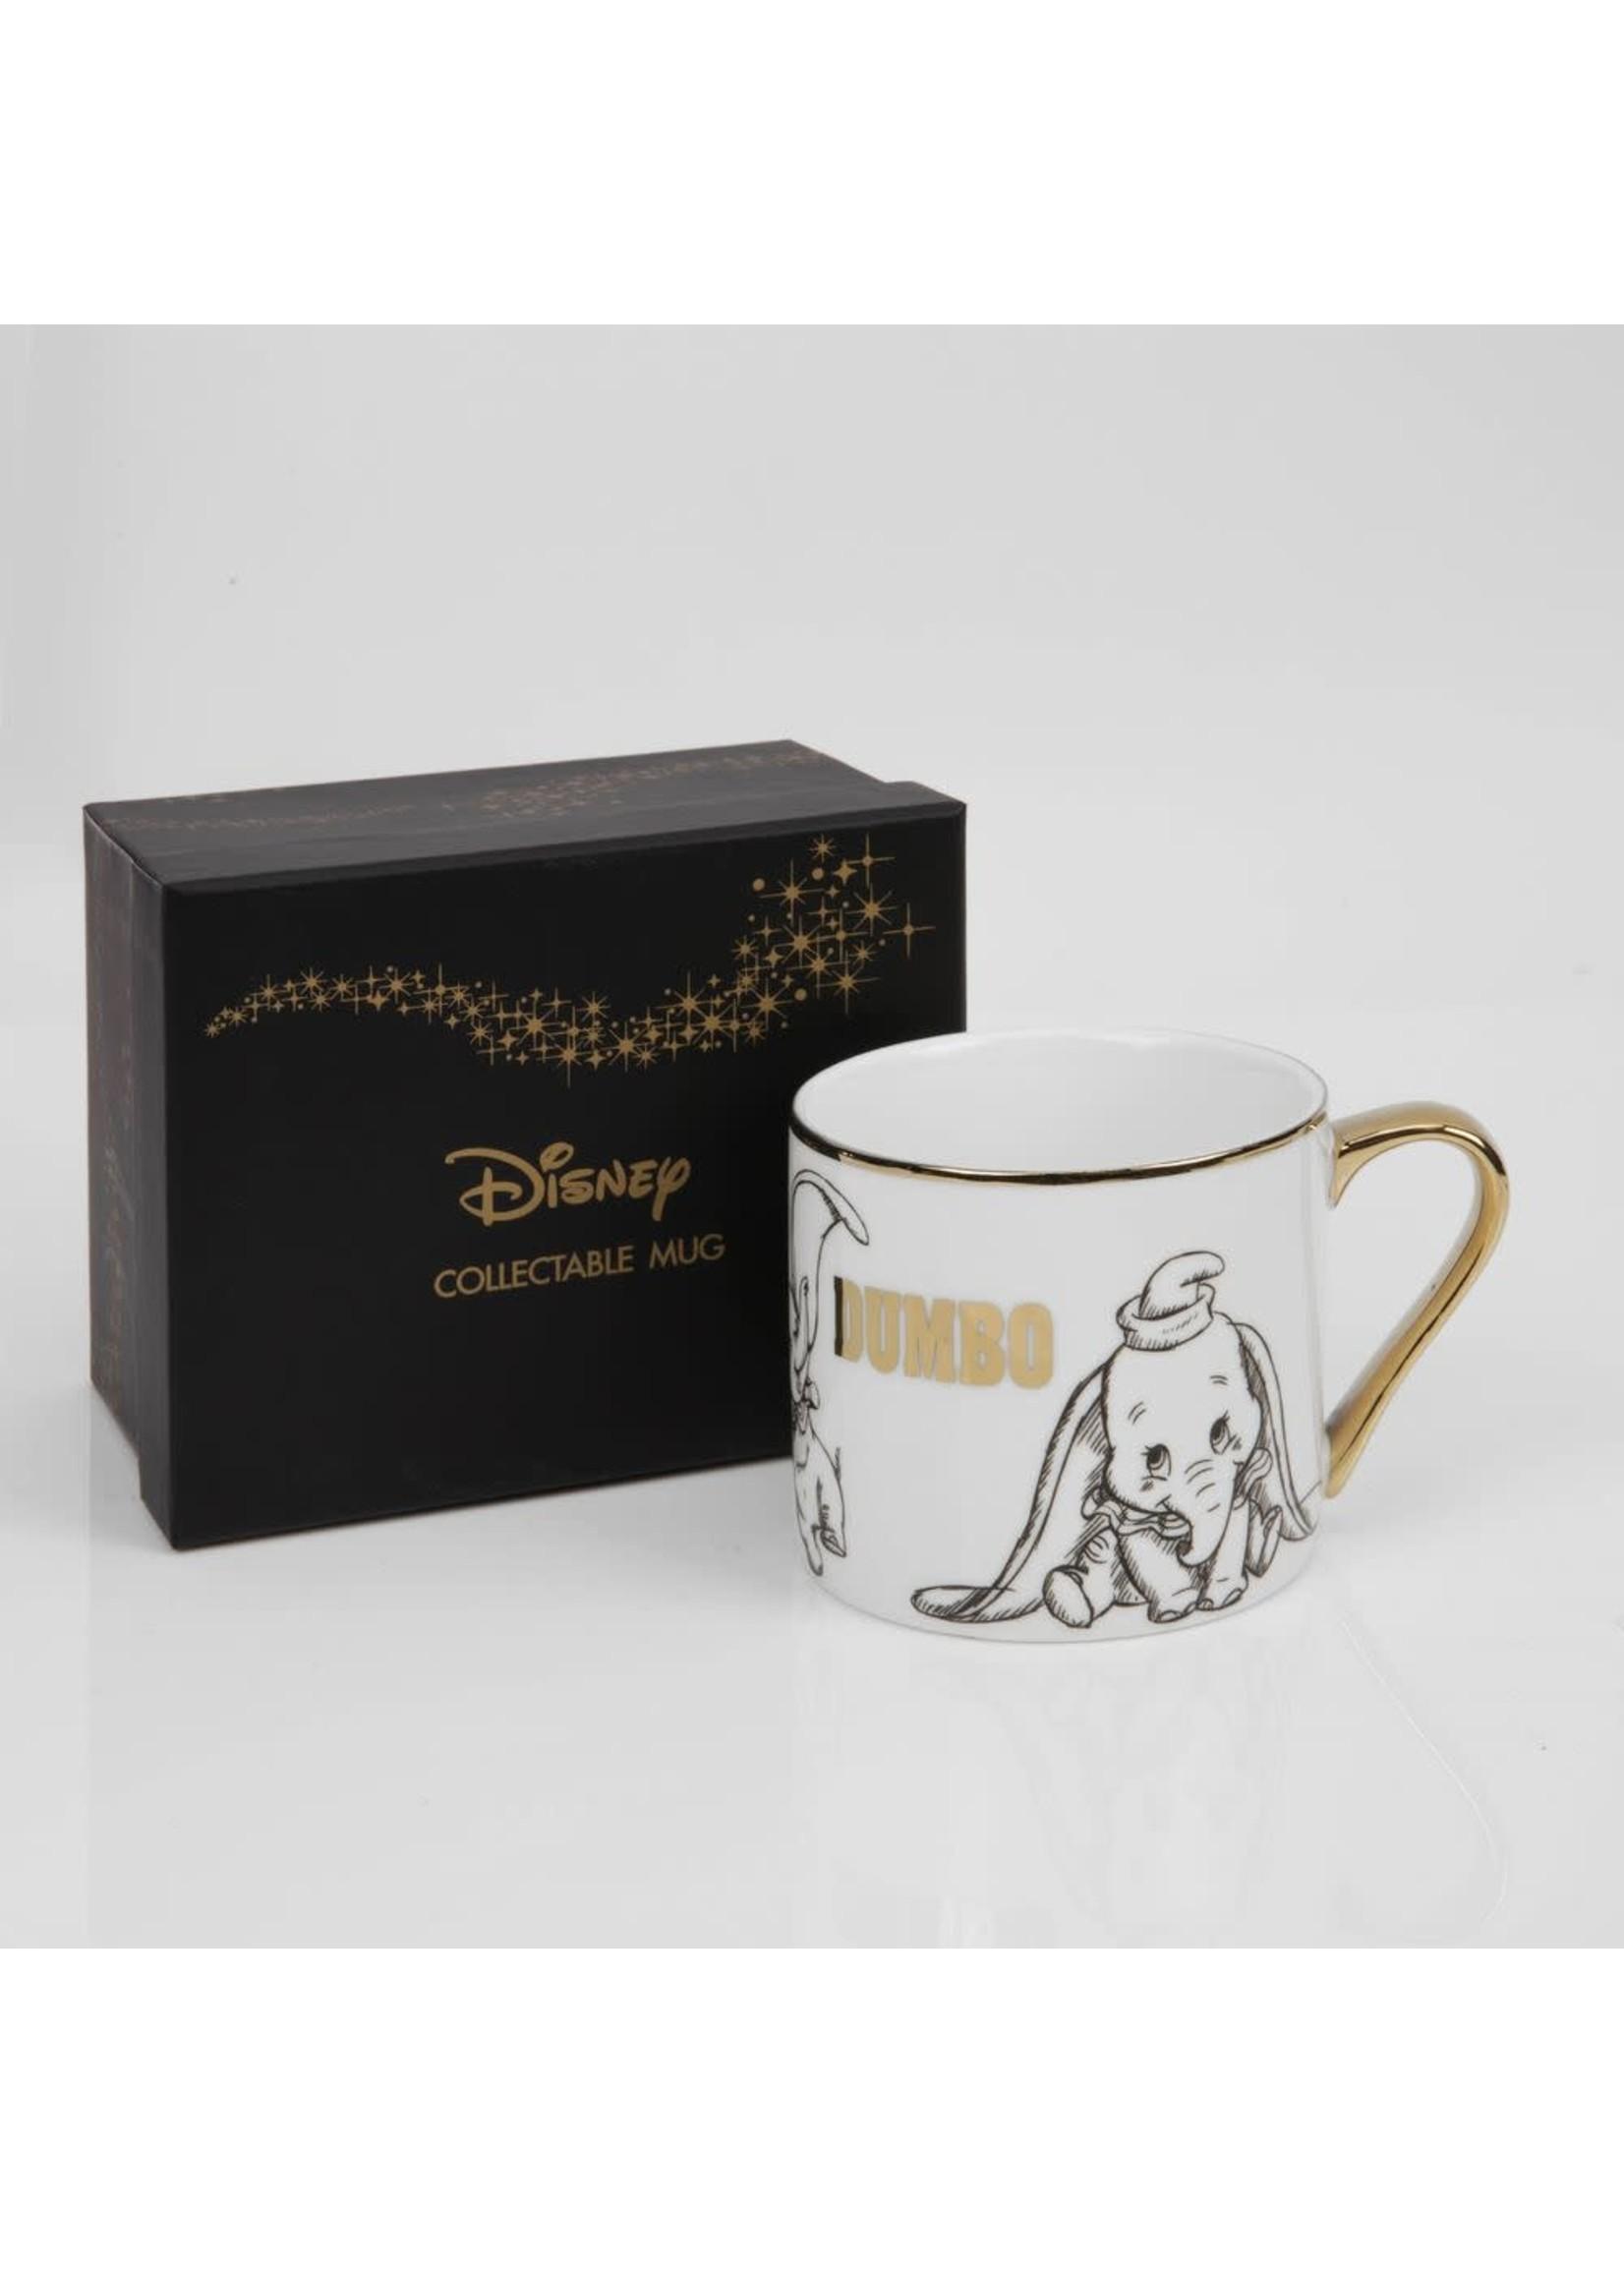 Disney Disney Dumbo Mug